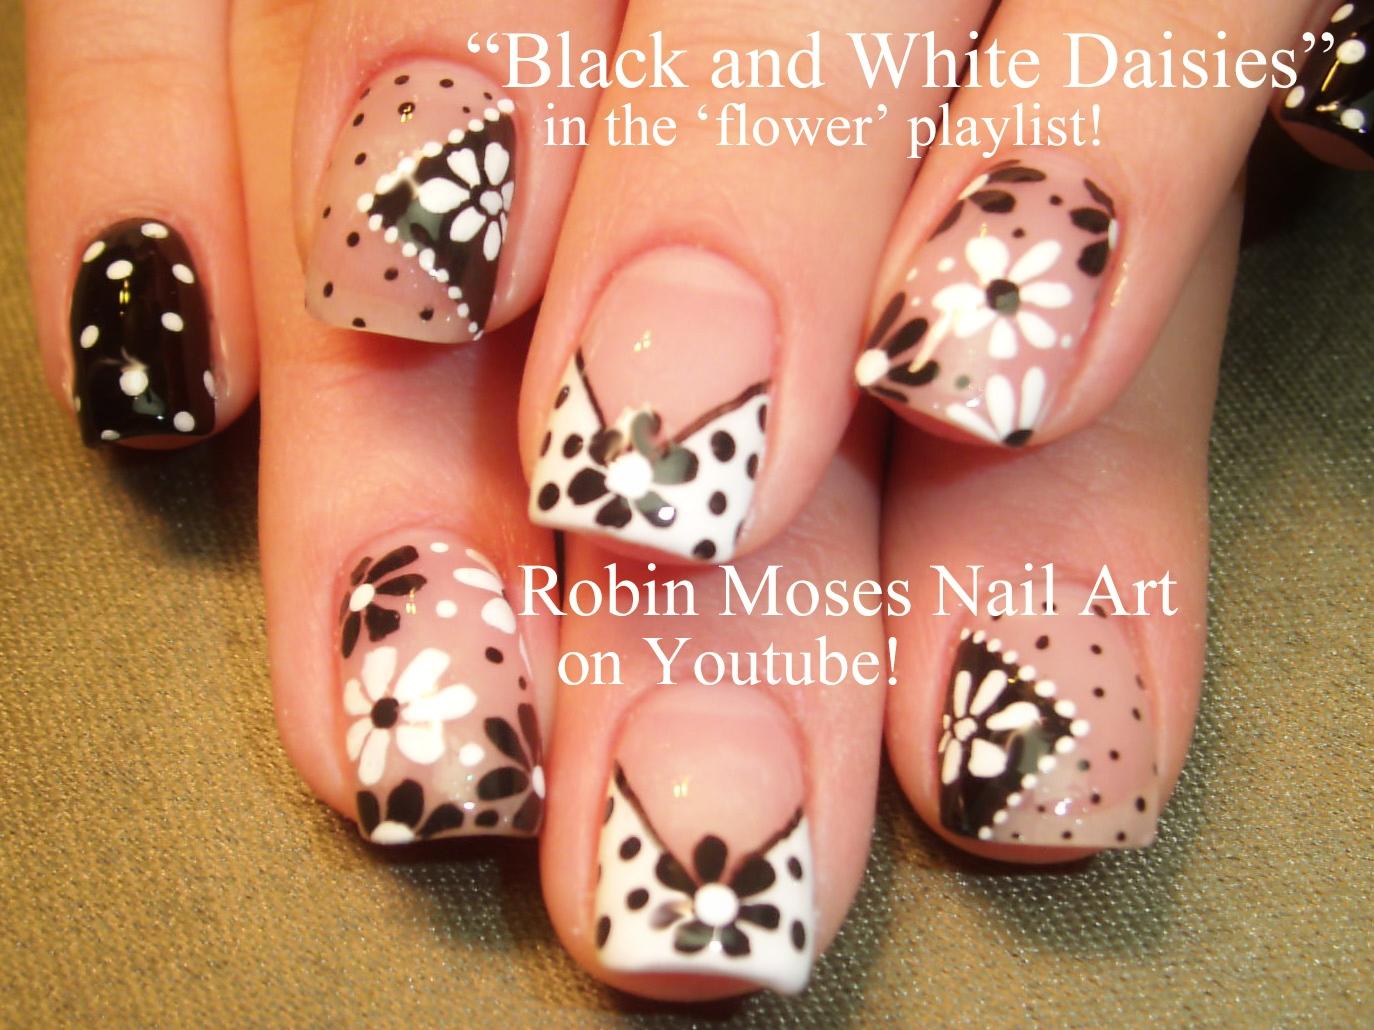 White Daisy Nail Design: Dark blue nail designs hair styles.